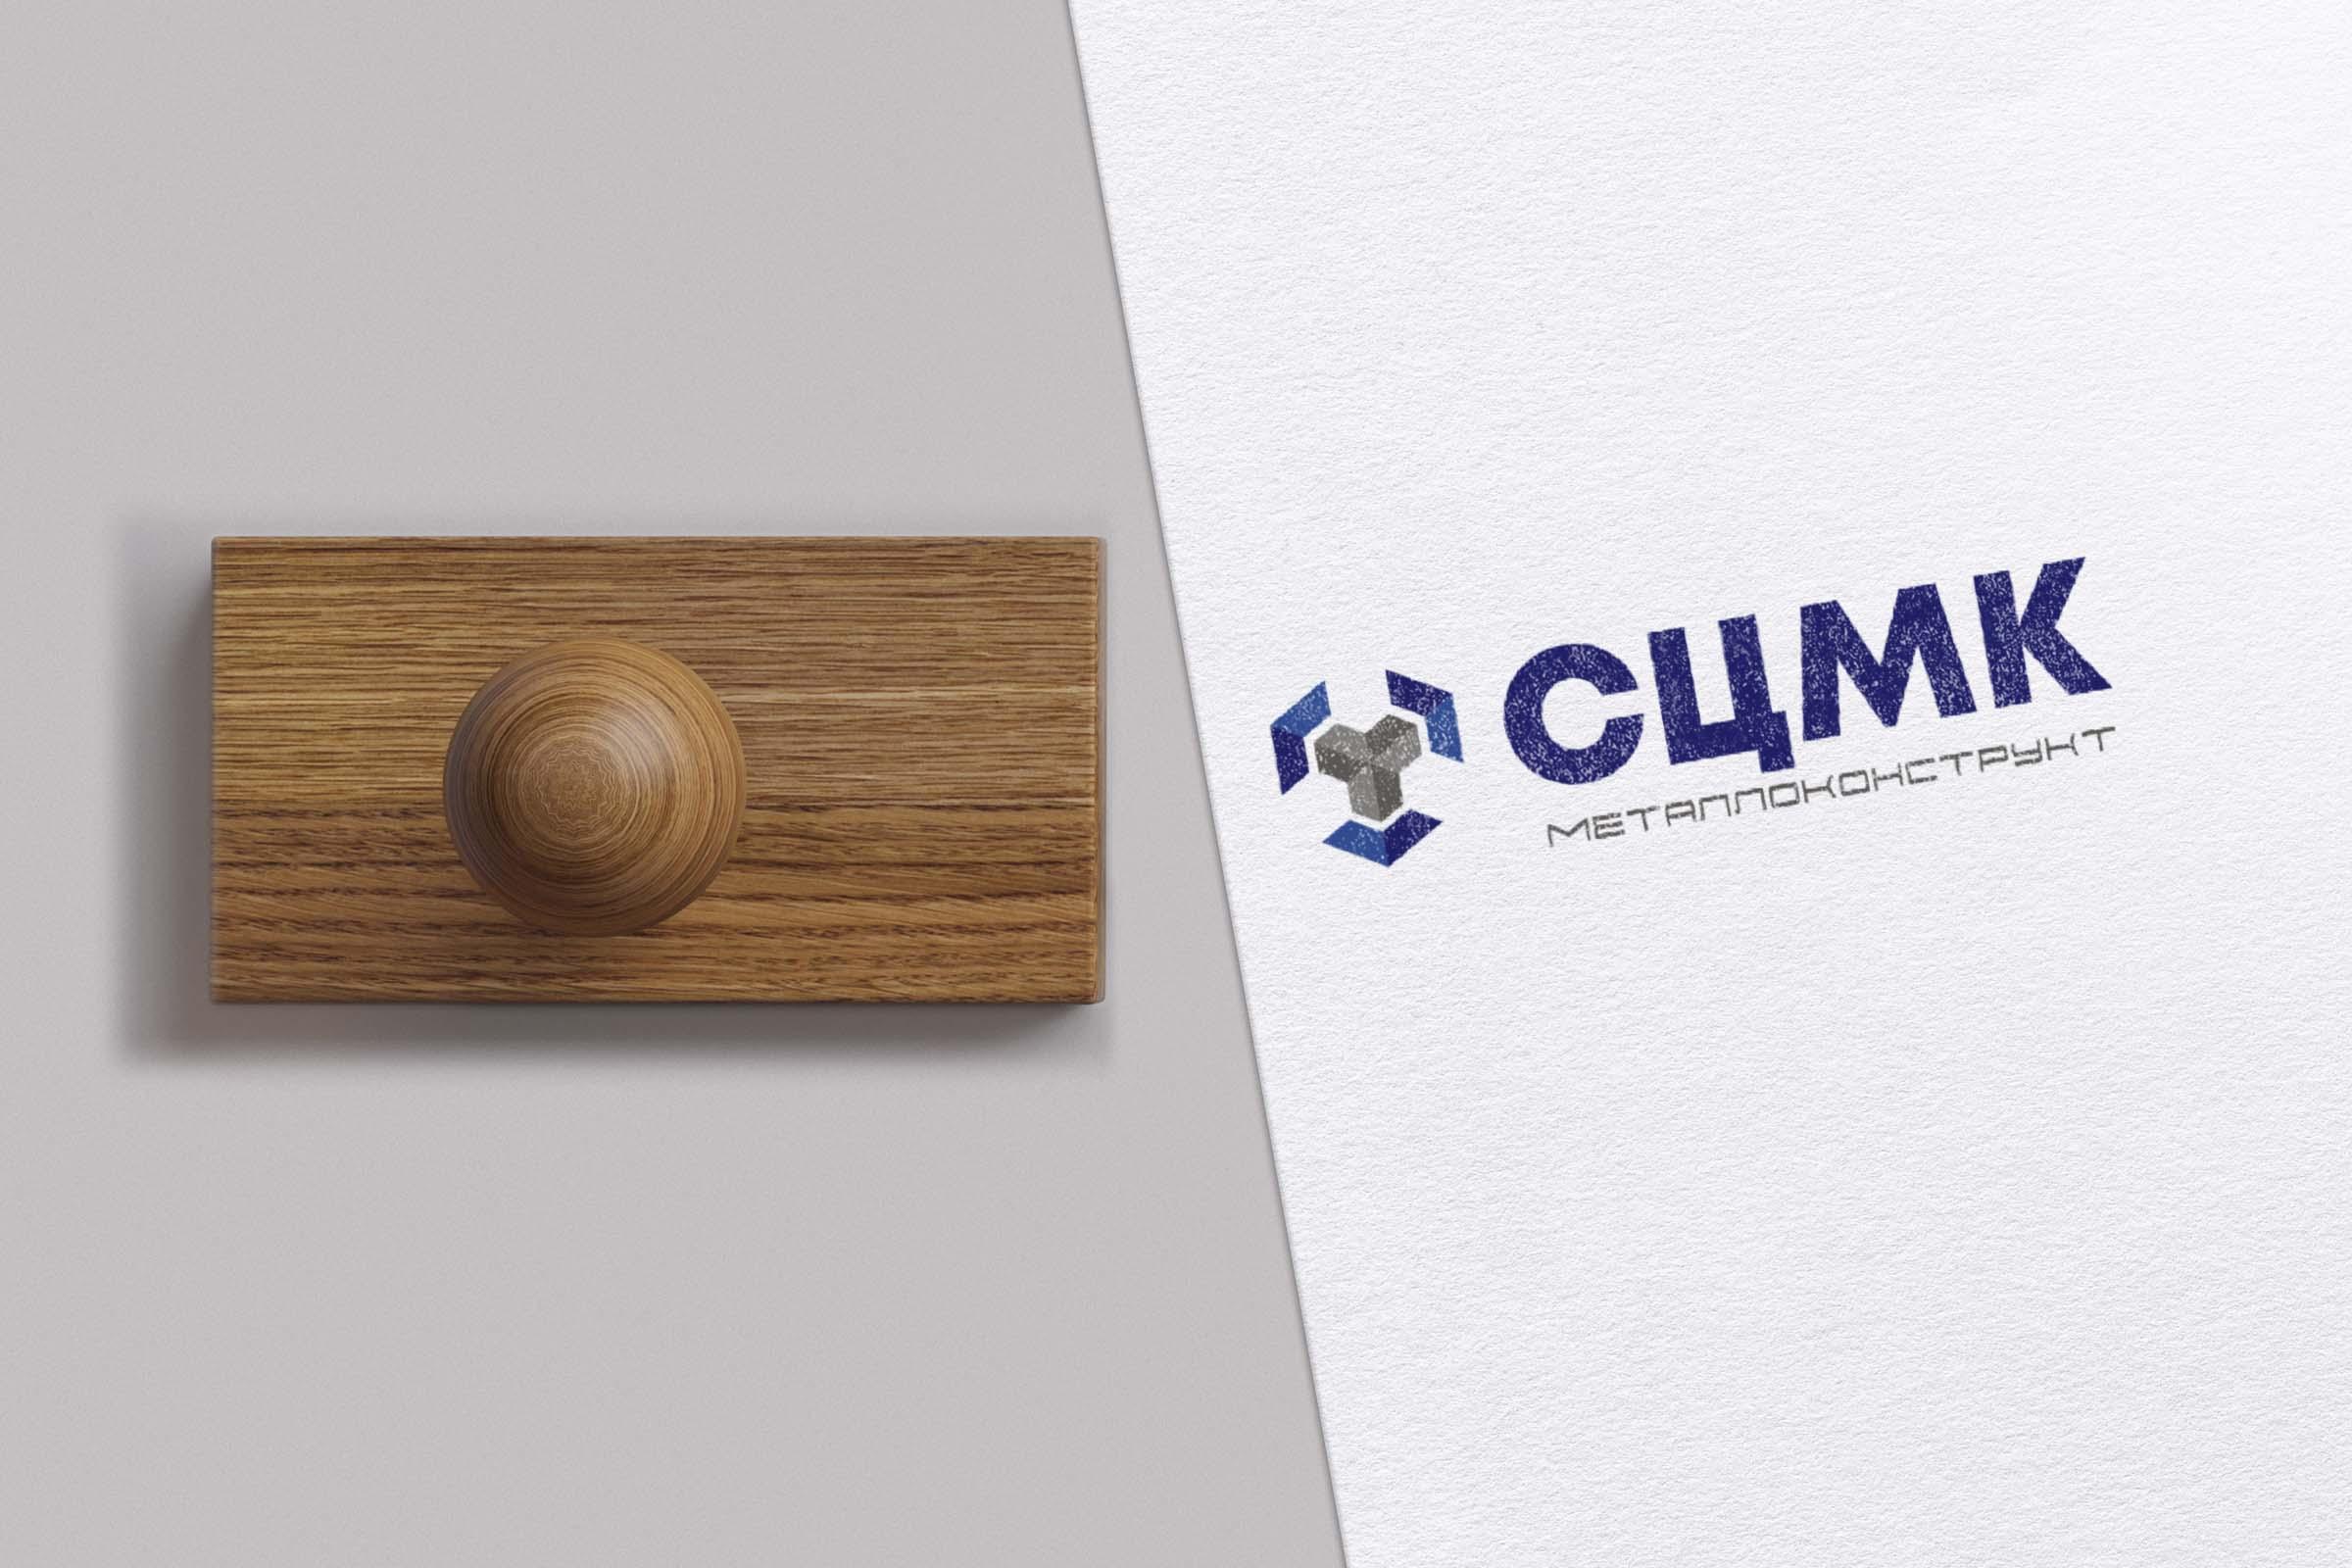 Разработка логотипа и фирменного стиля фото f_2005adb8d71719e1.jpg